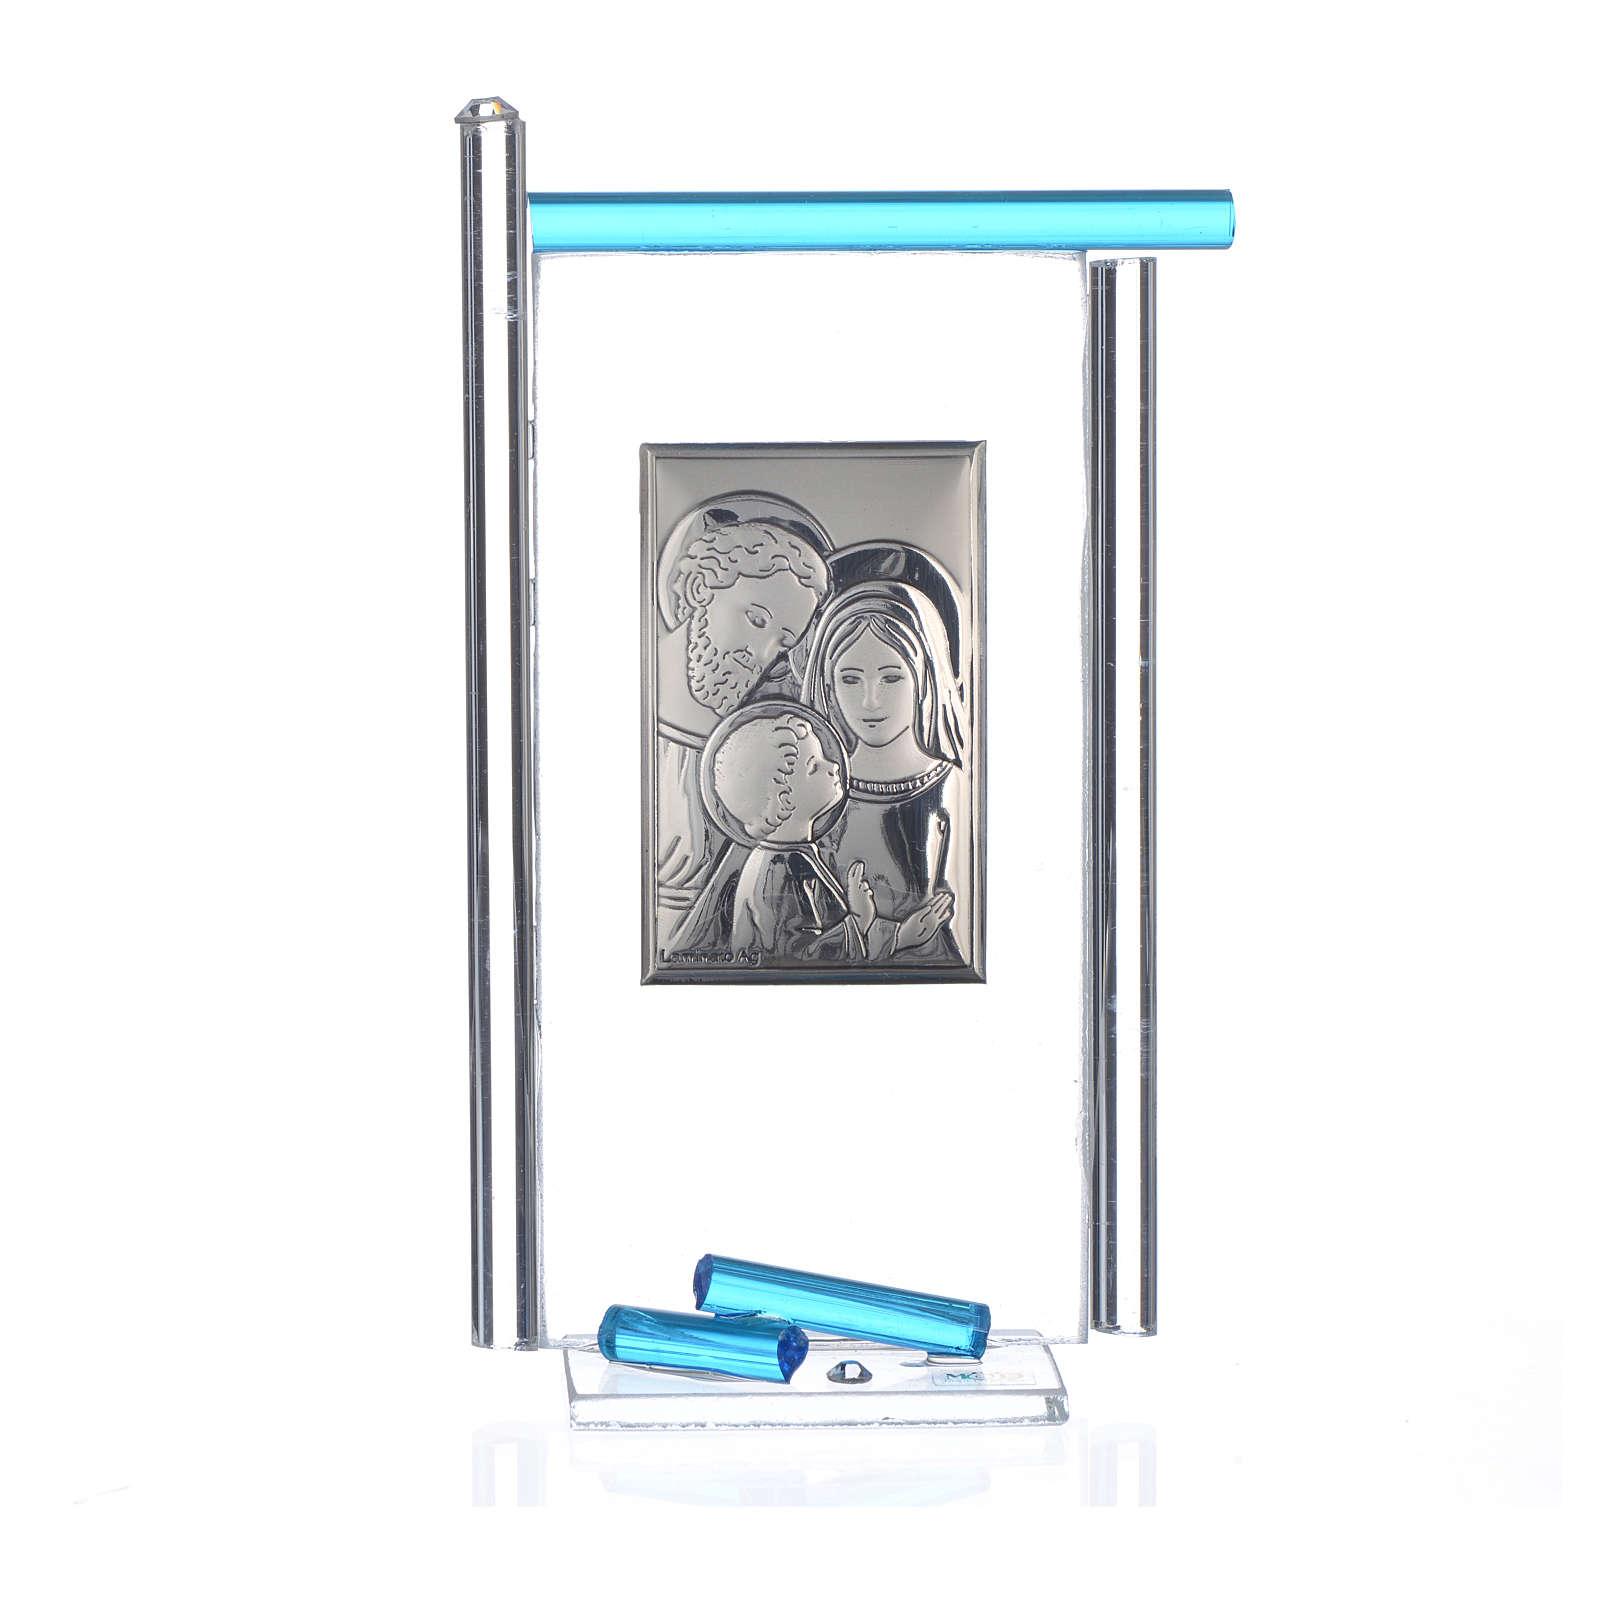 Pamiątka święta Rodzina srebro i szkło Murano morskie 13x8 cm 3